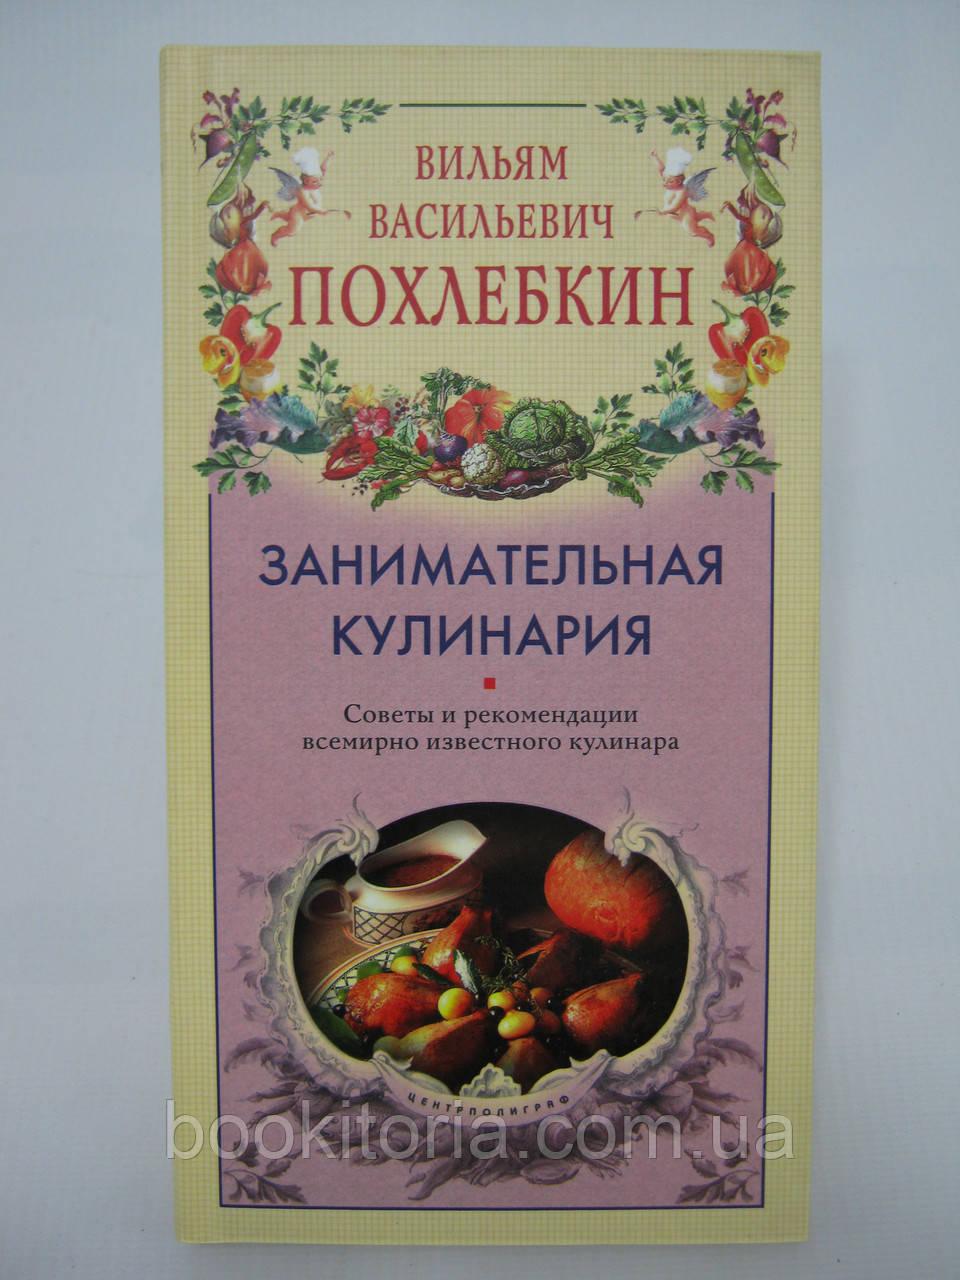 Похлебкин В.В. Занимательная кулинария (б/у).